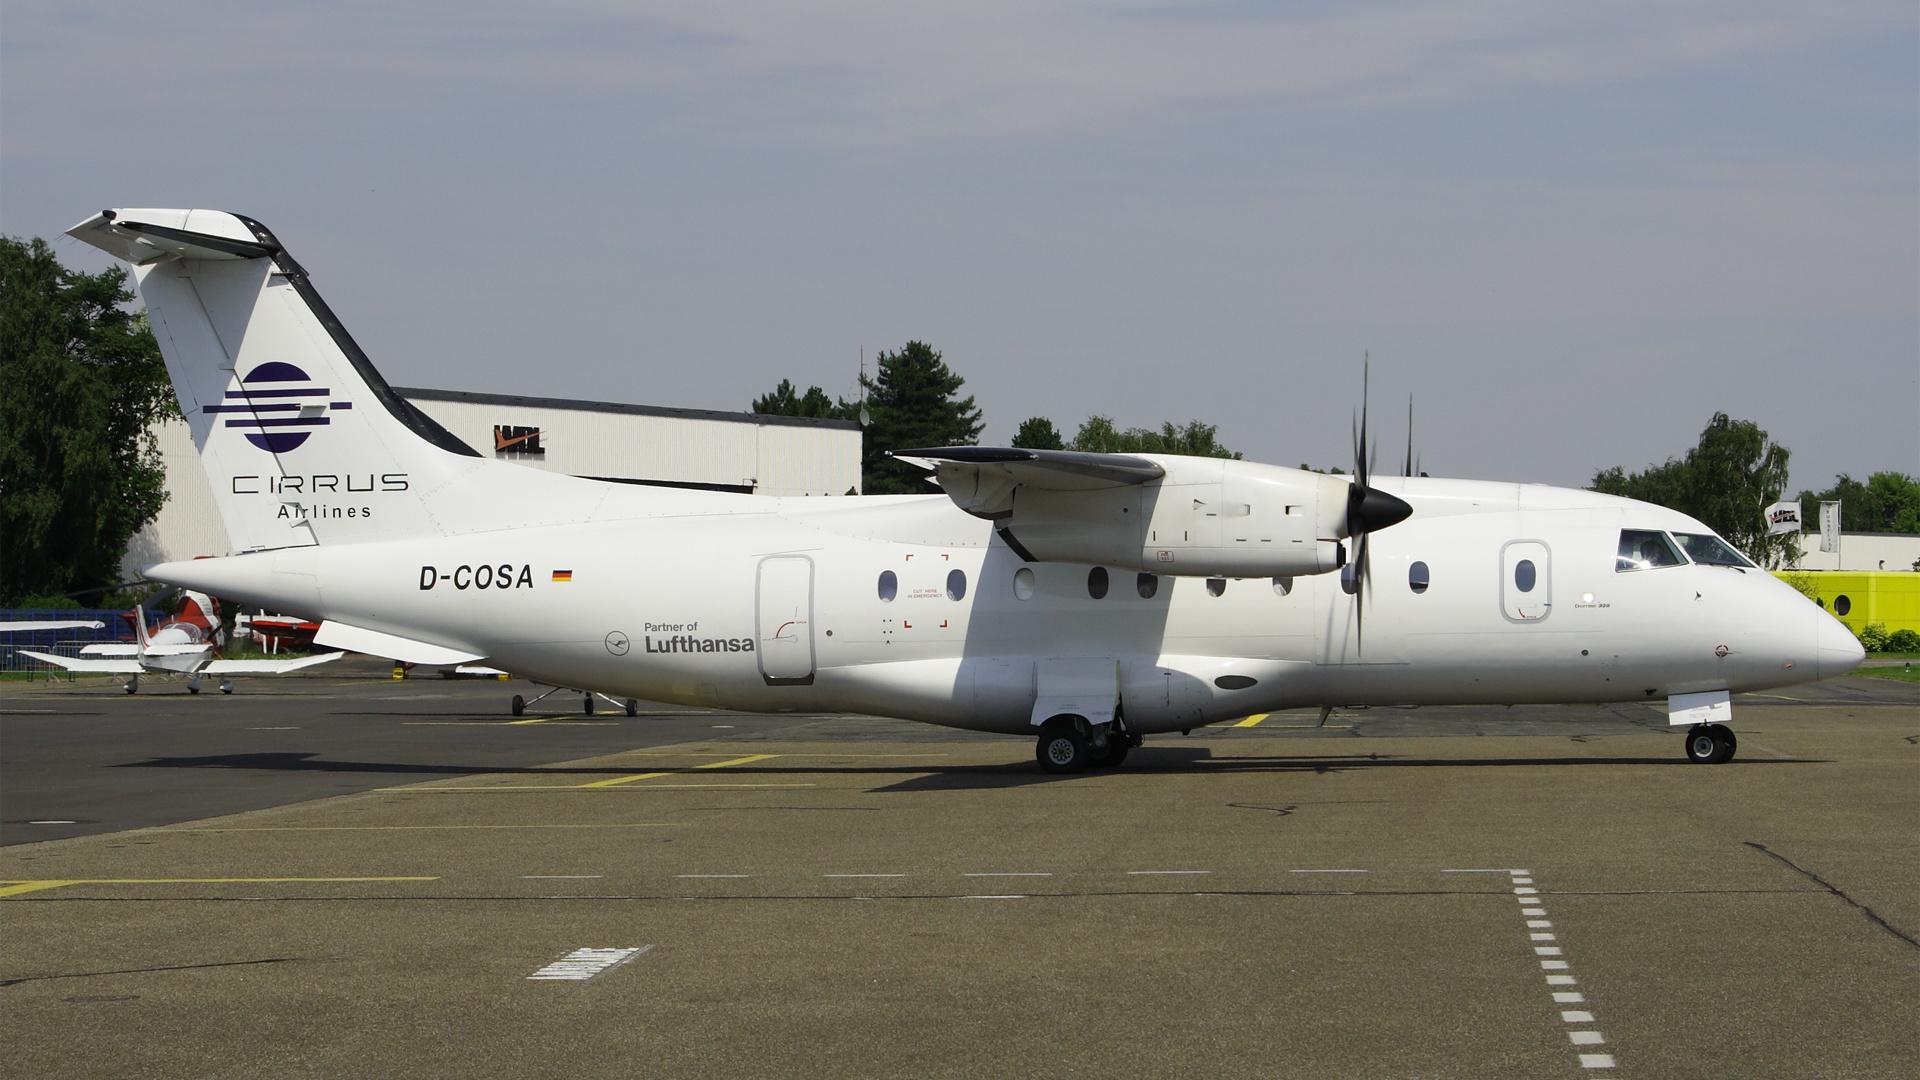 D-COSA-2 DO328 ESS 200908